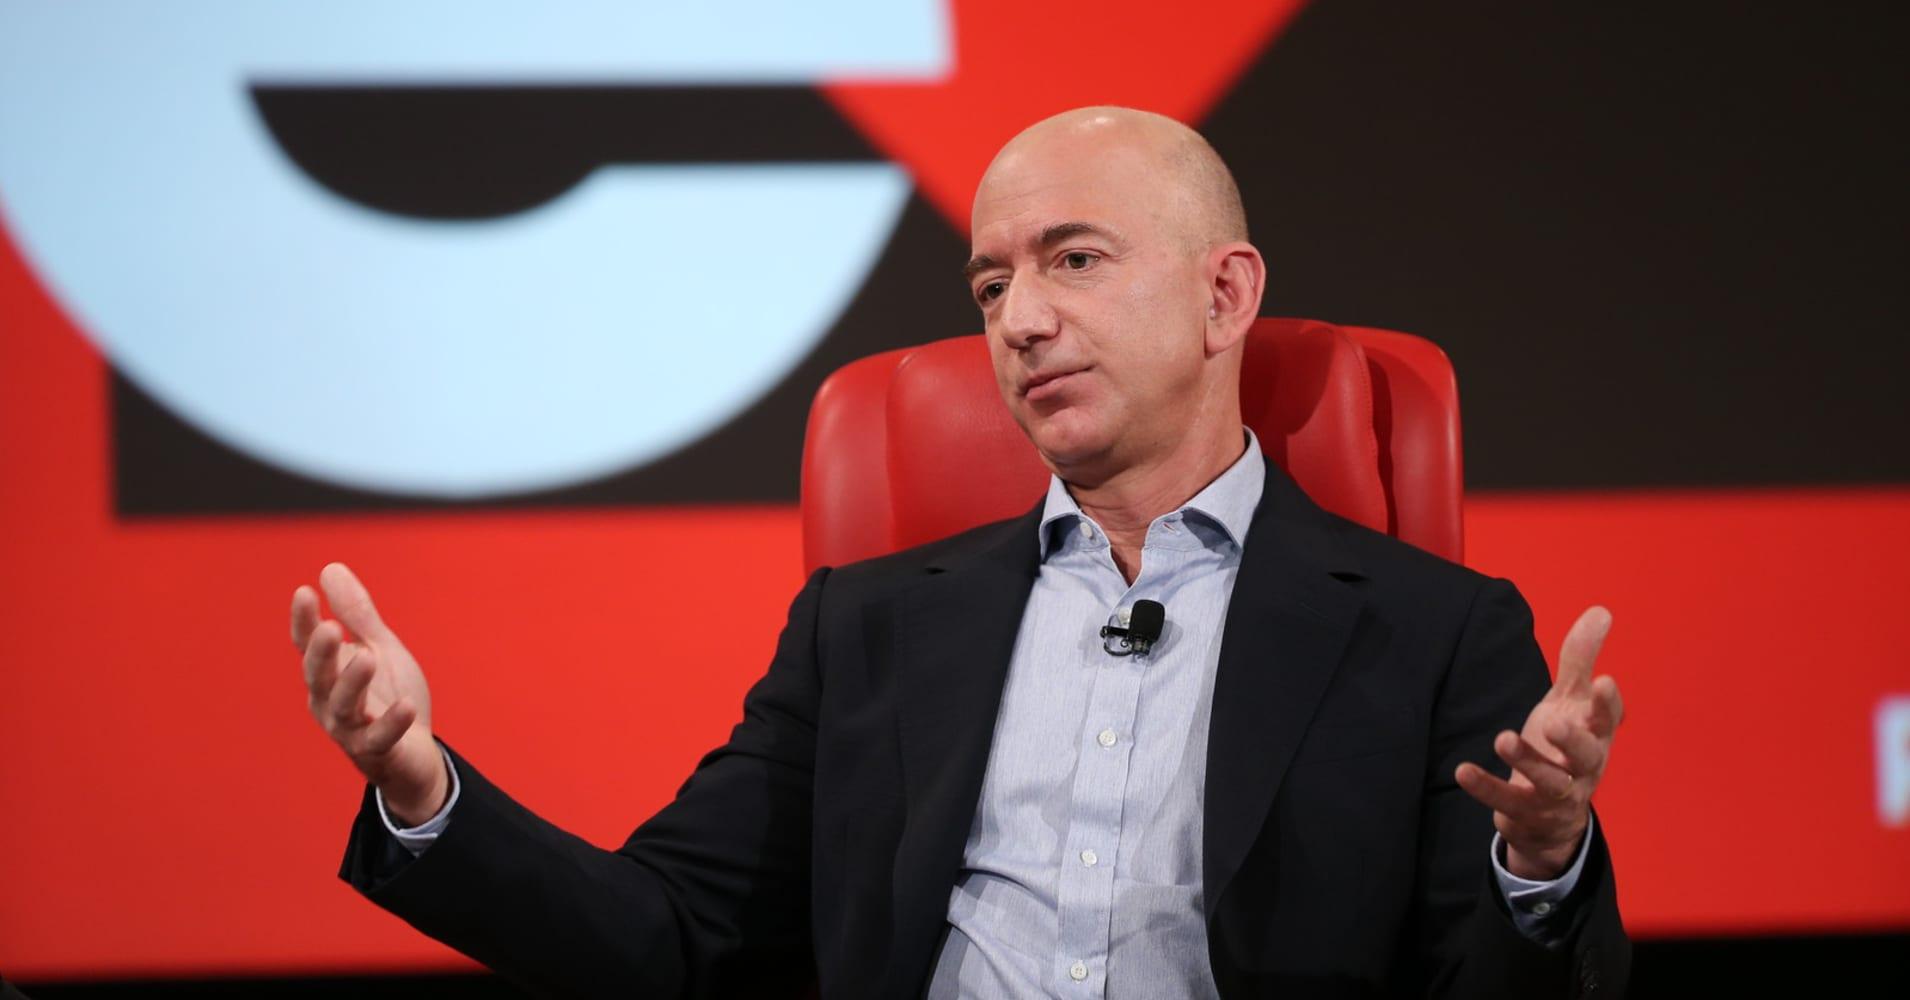 Amazon ceo jeff bezos hates meetings with tight agendas